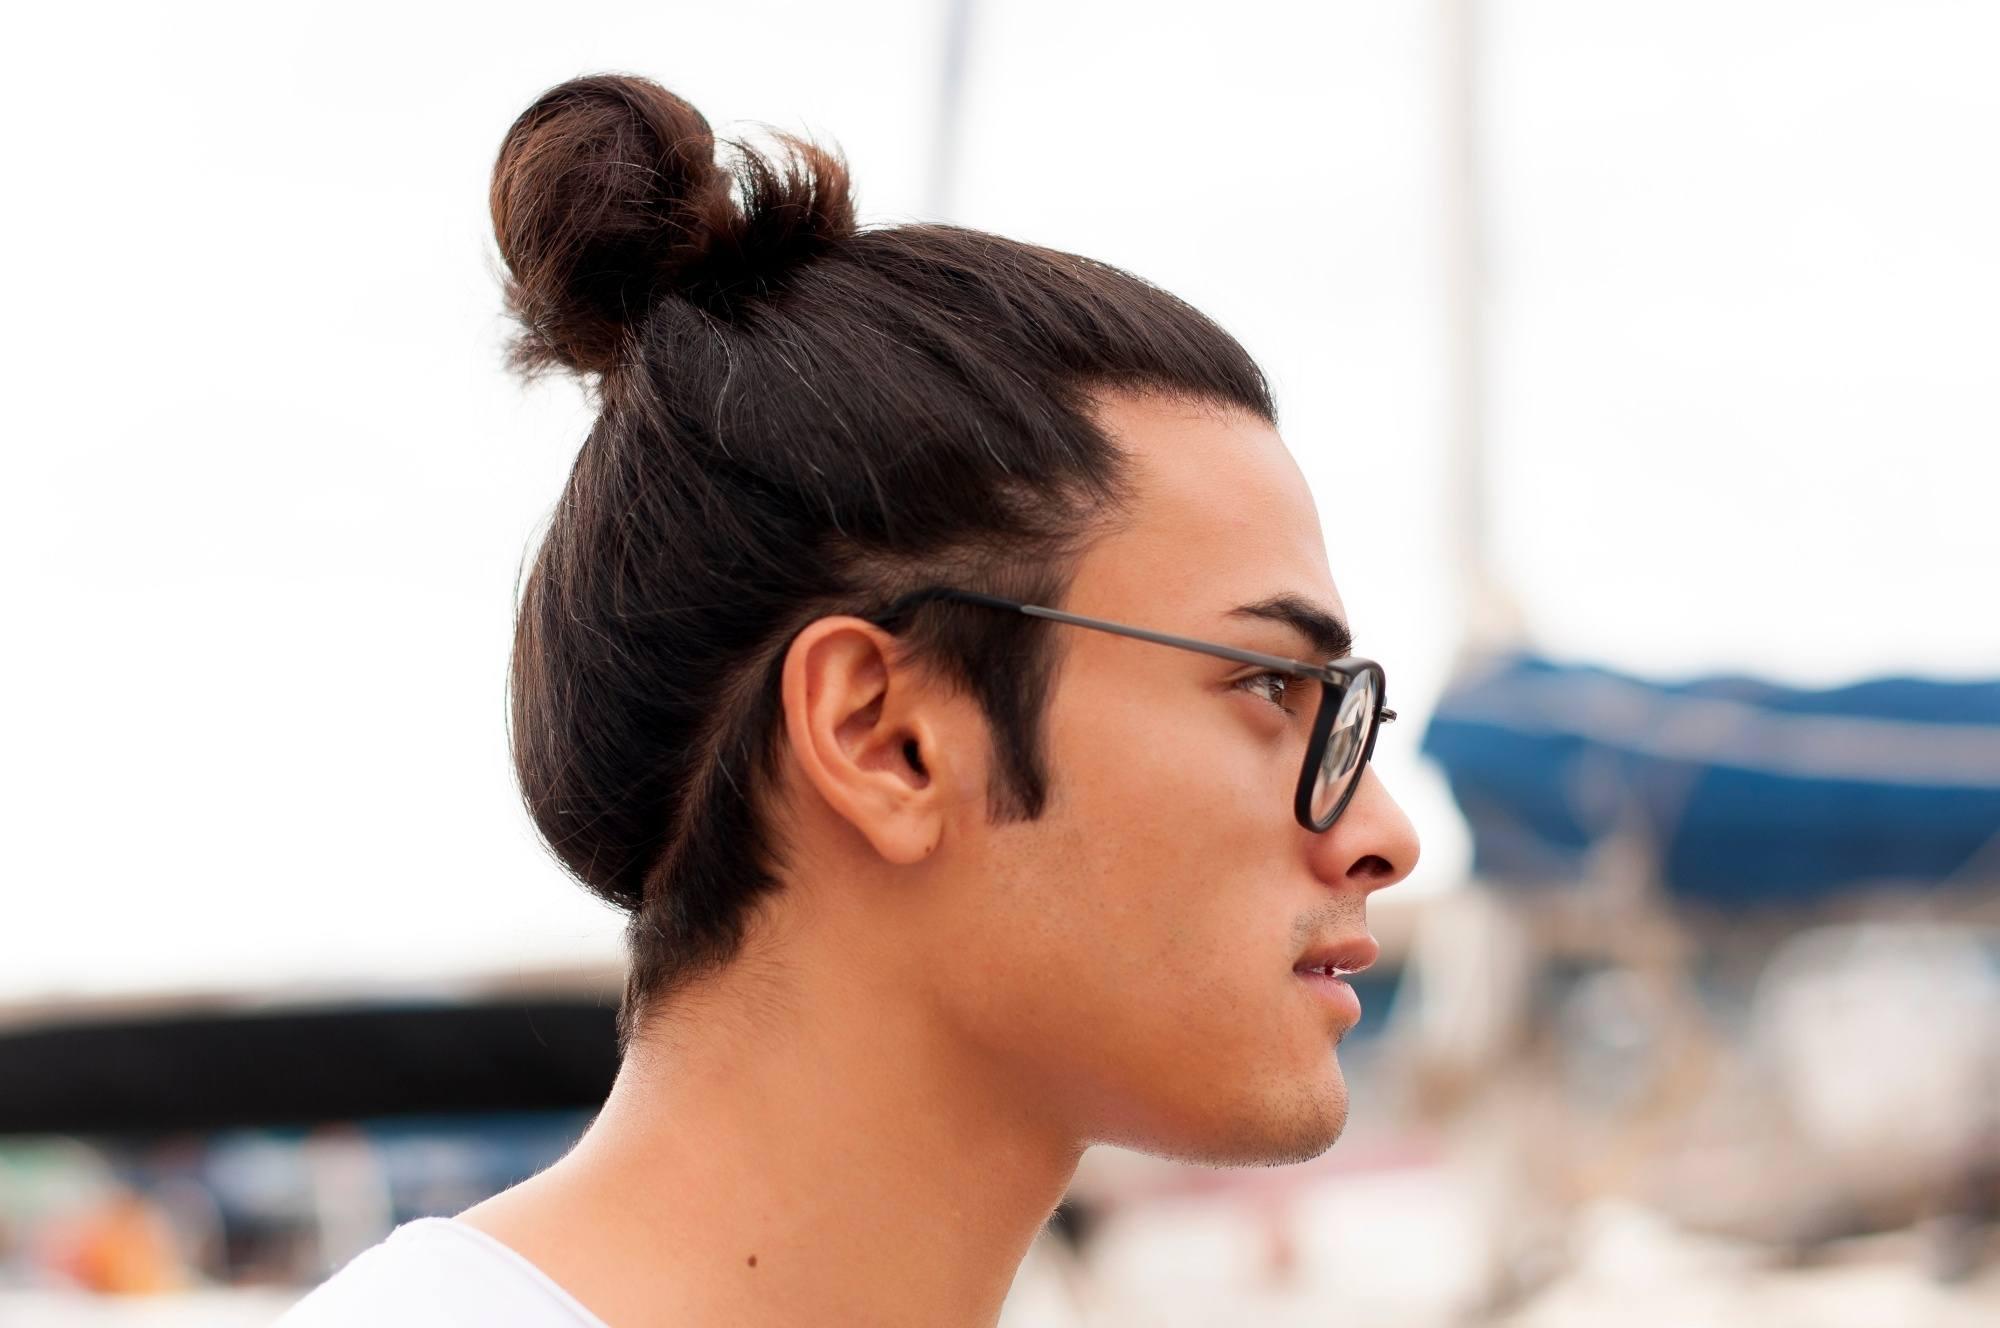 Man Bun Haircut Ideas For Pinoys All Things Hair Ph